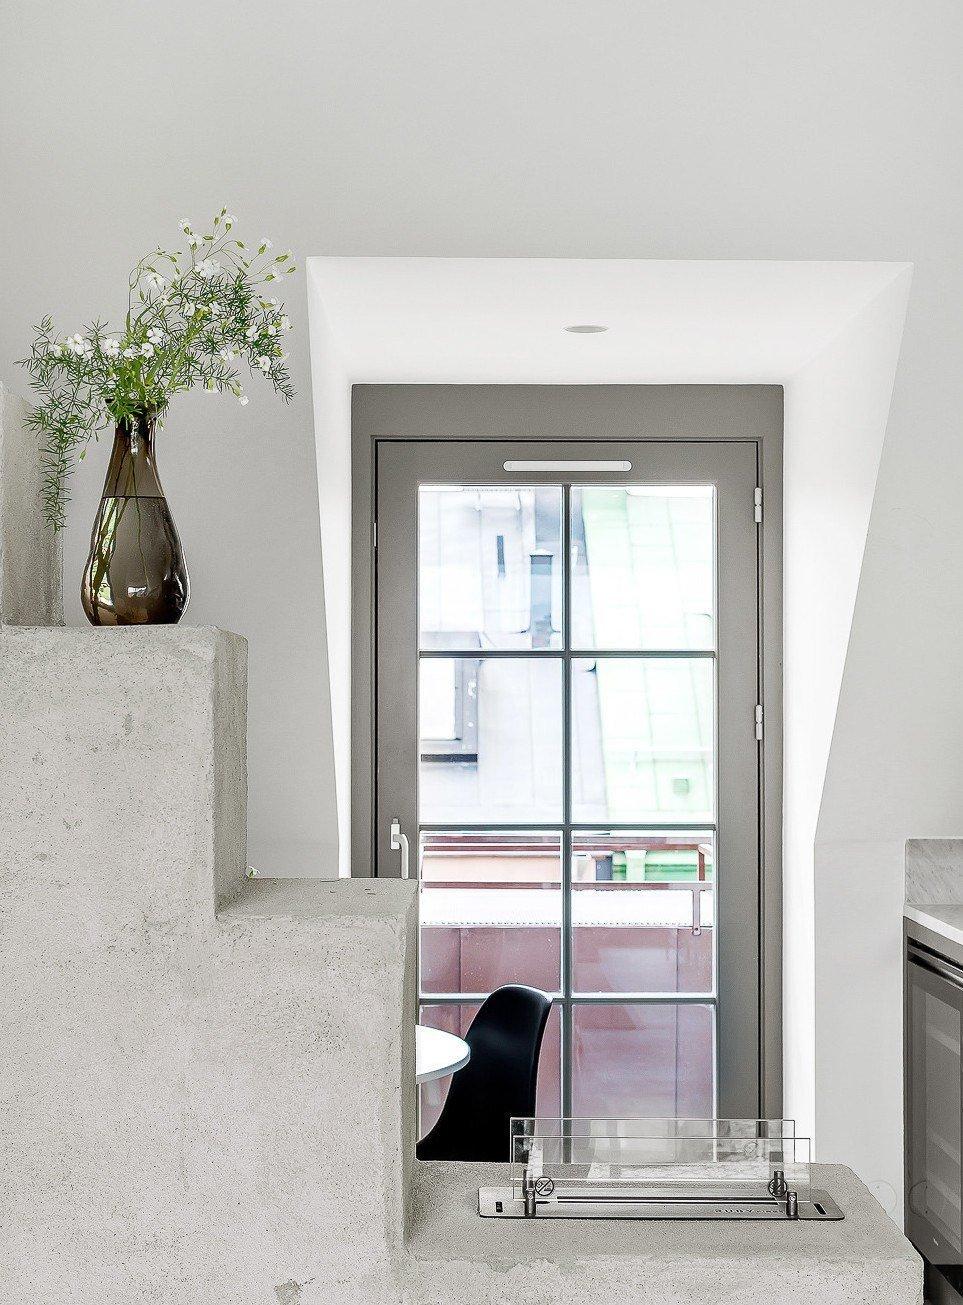 Moderní podkrovní byt ve Stockholmu